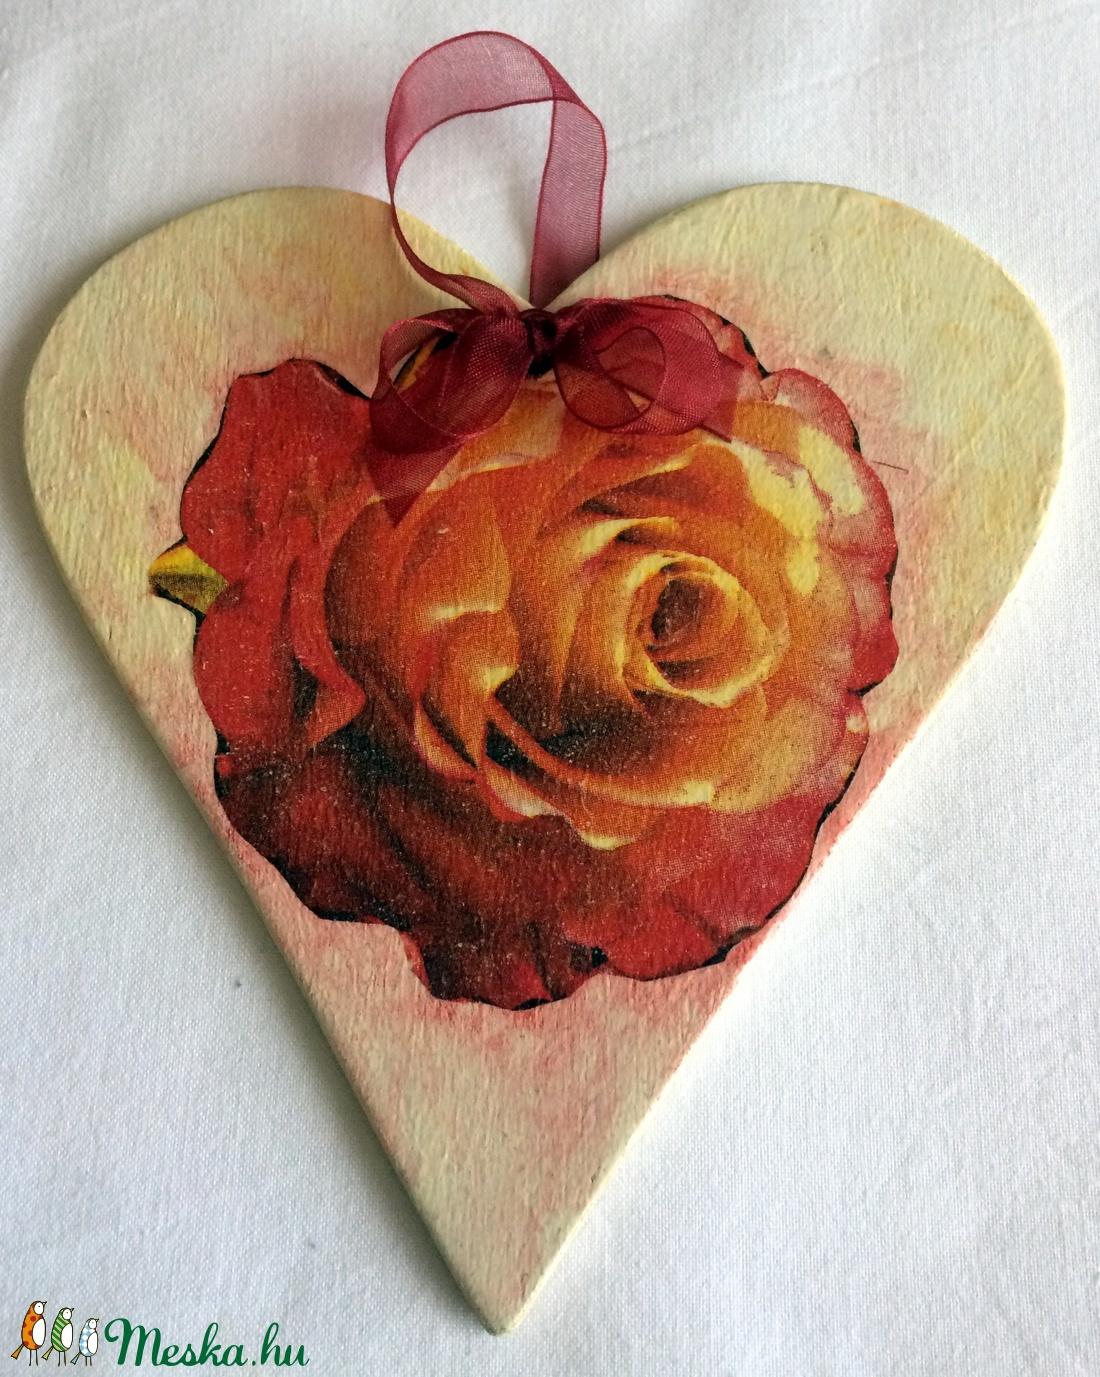 Rózsa (Margaret) - Meska.hu